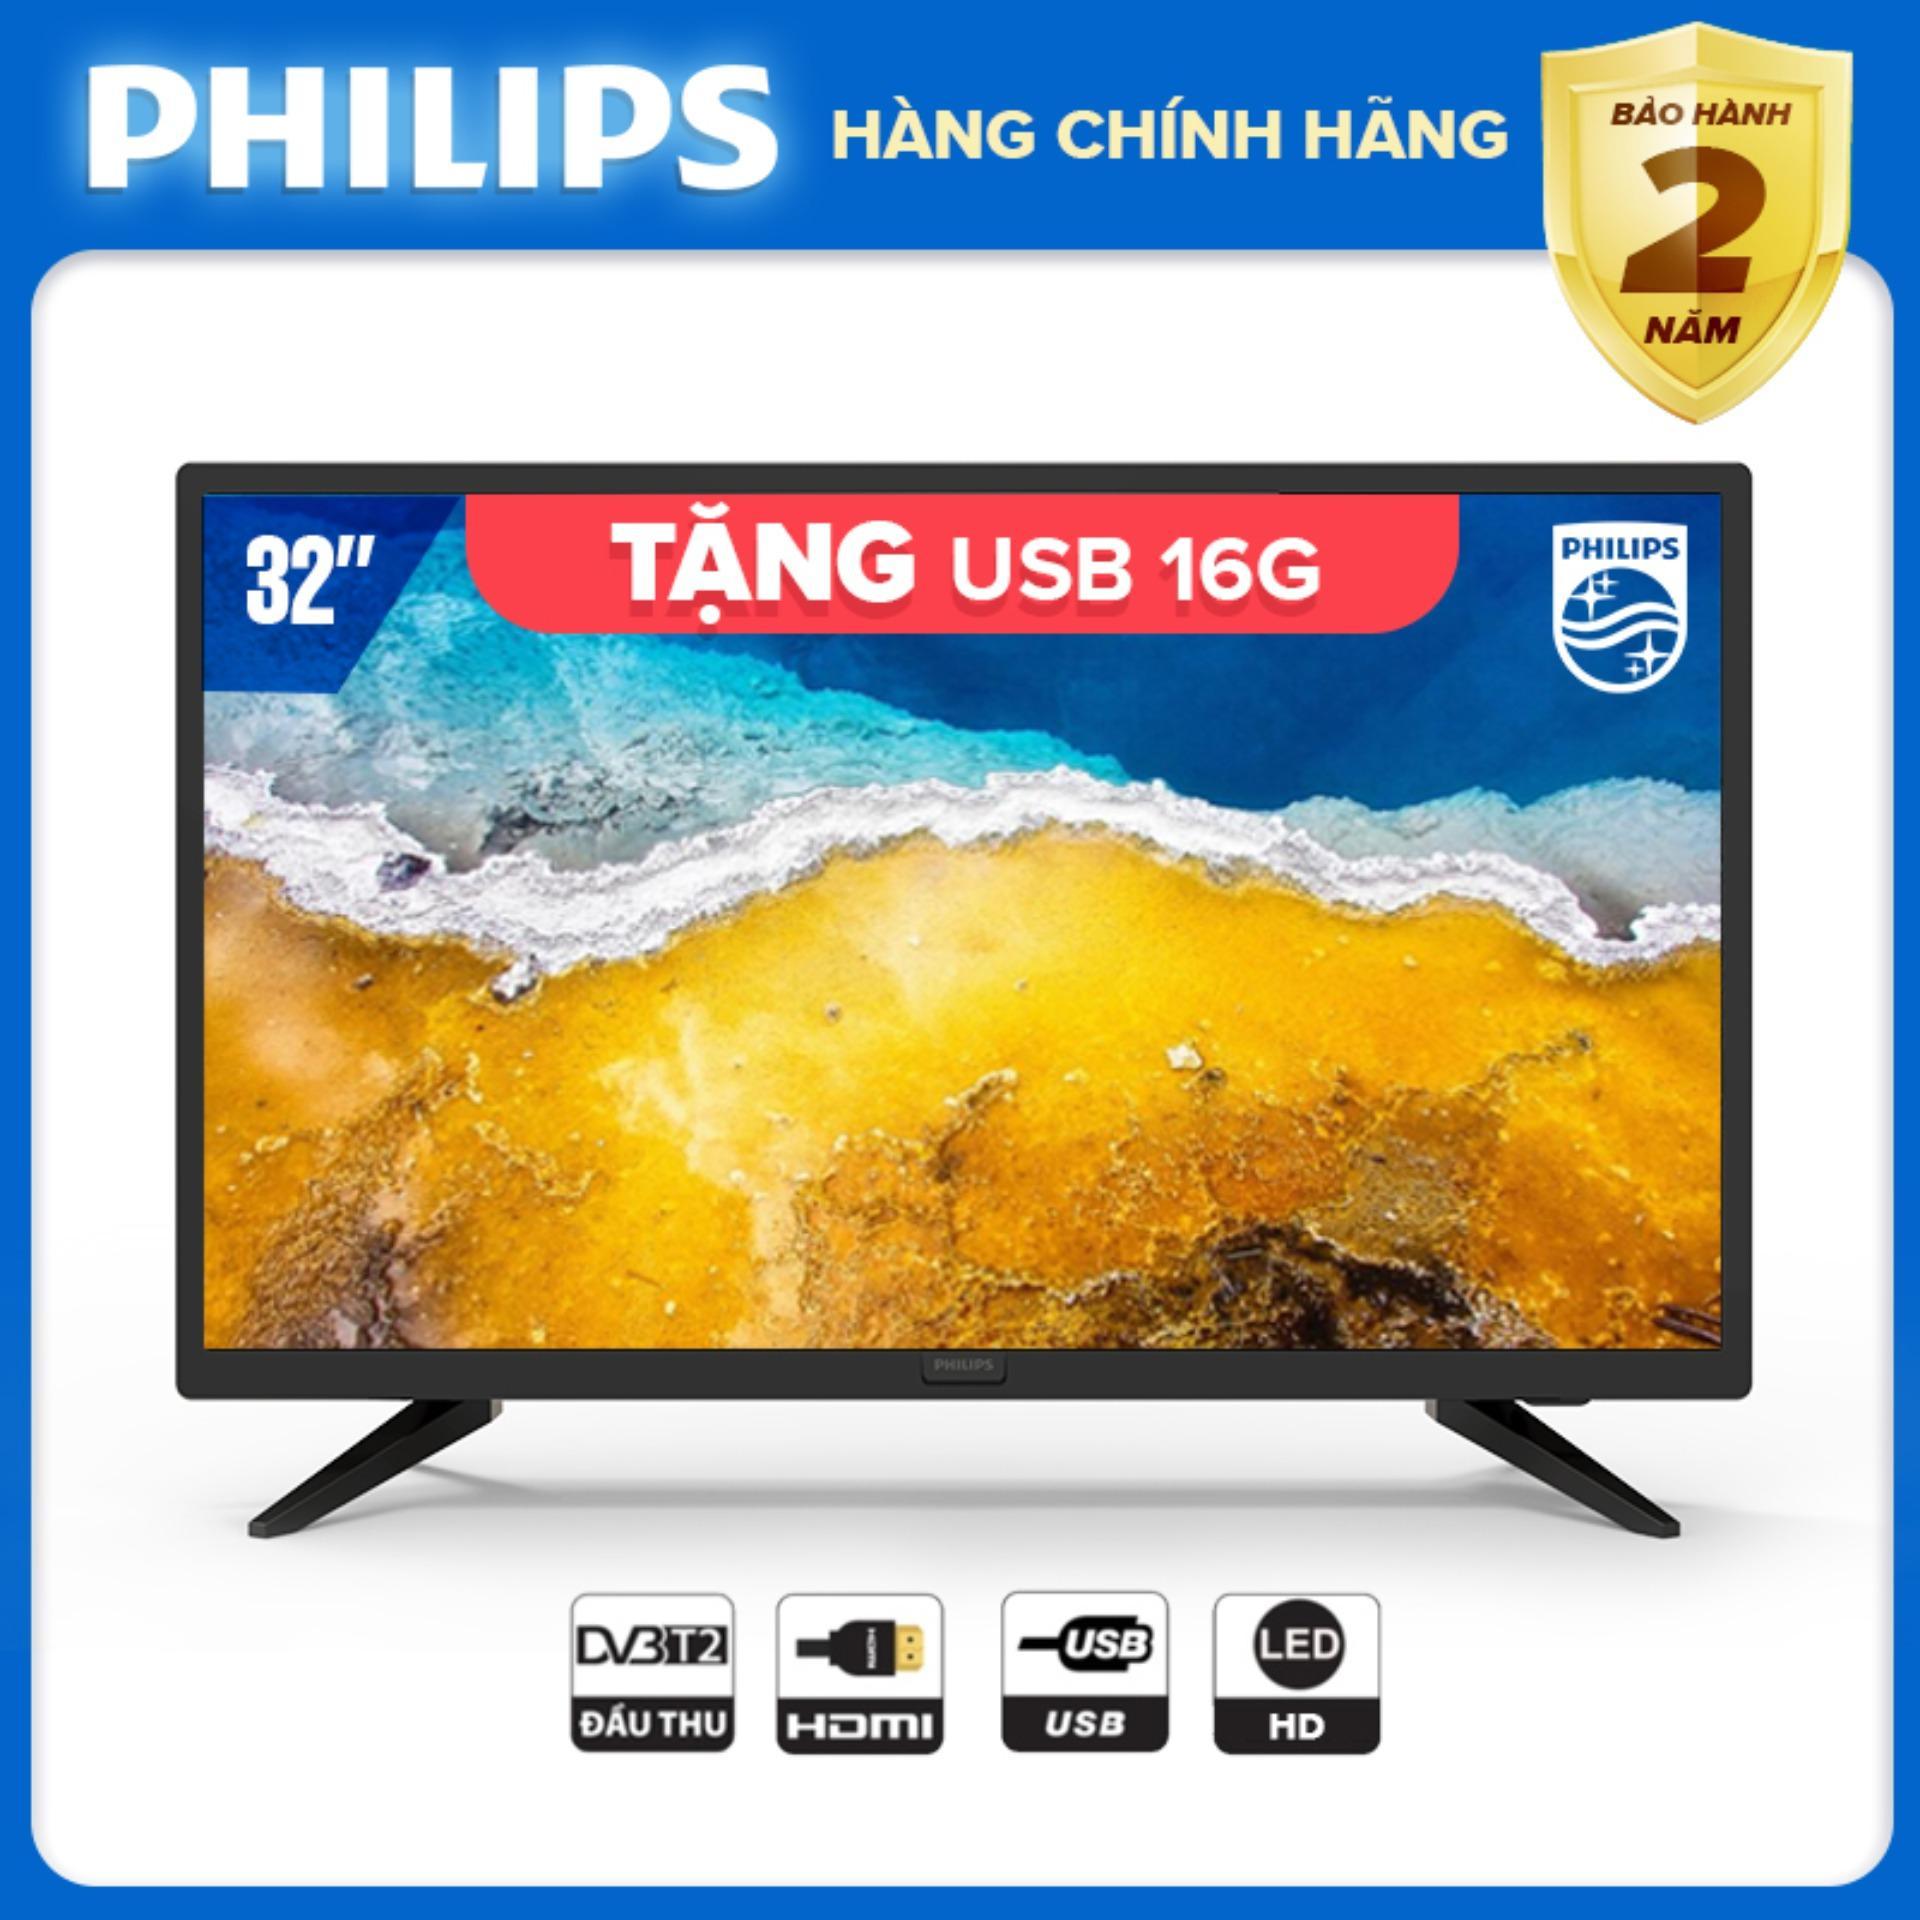 TIVI 32 INCH LED HD 32PHT4003S/74 PHILIPS TV HÀNG THÁI LAN - DIGITAL TV DVB-T2 TẶNG QUÀ USB 16G - BẢO HÀNH 2 NĂM TẠI NHÀ